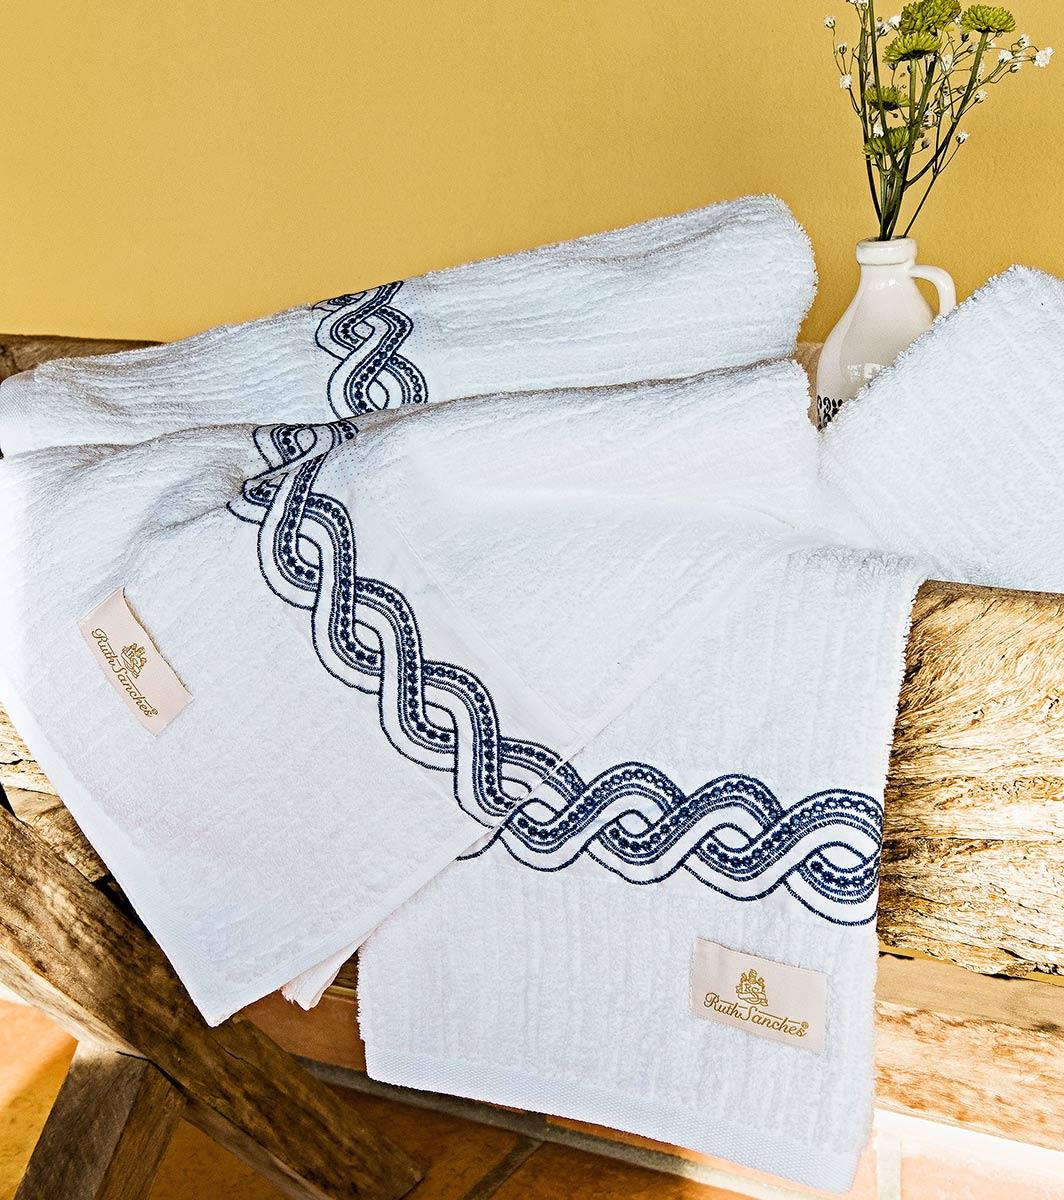 Toalhas de Banho Gigante Trento cor Azul e Branco com 5 peças